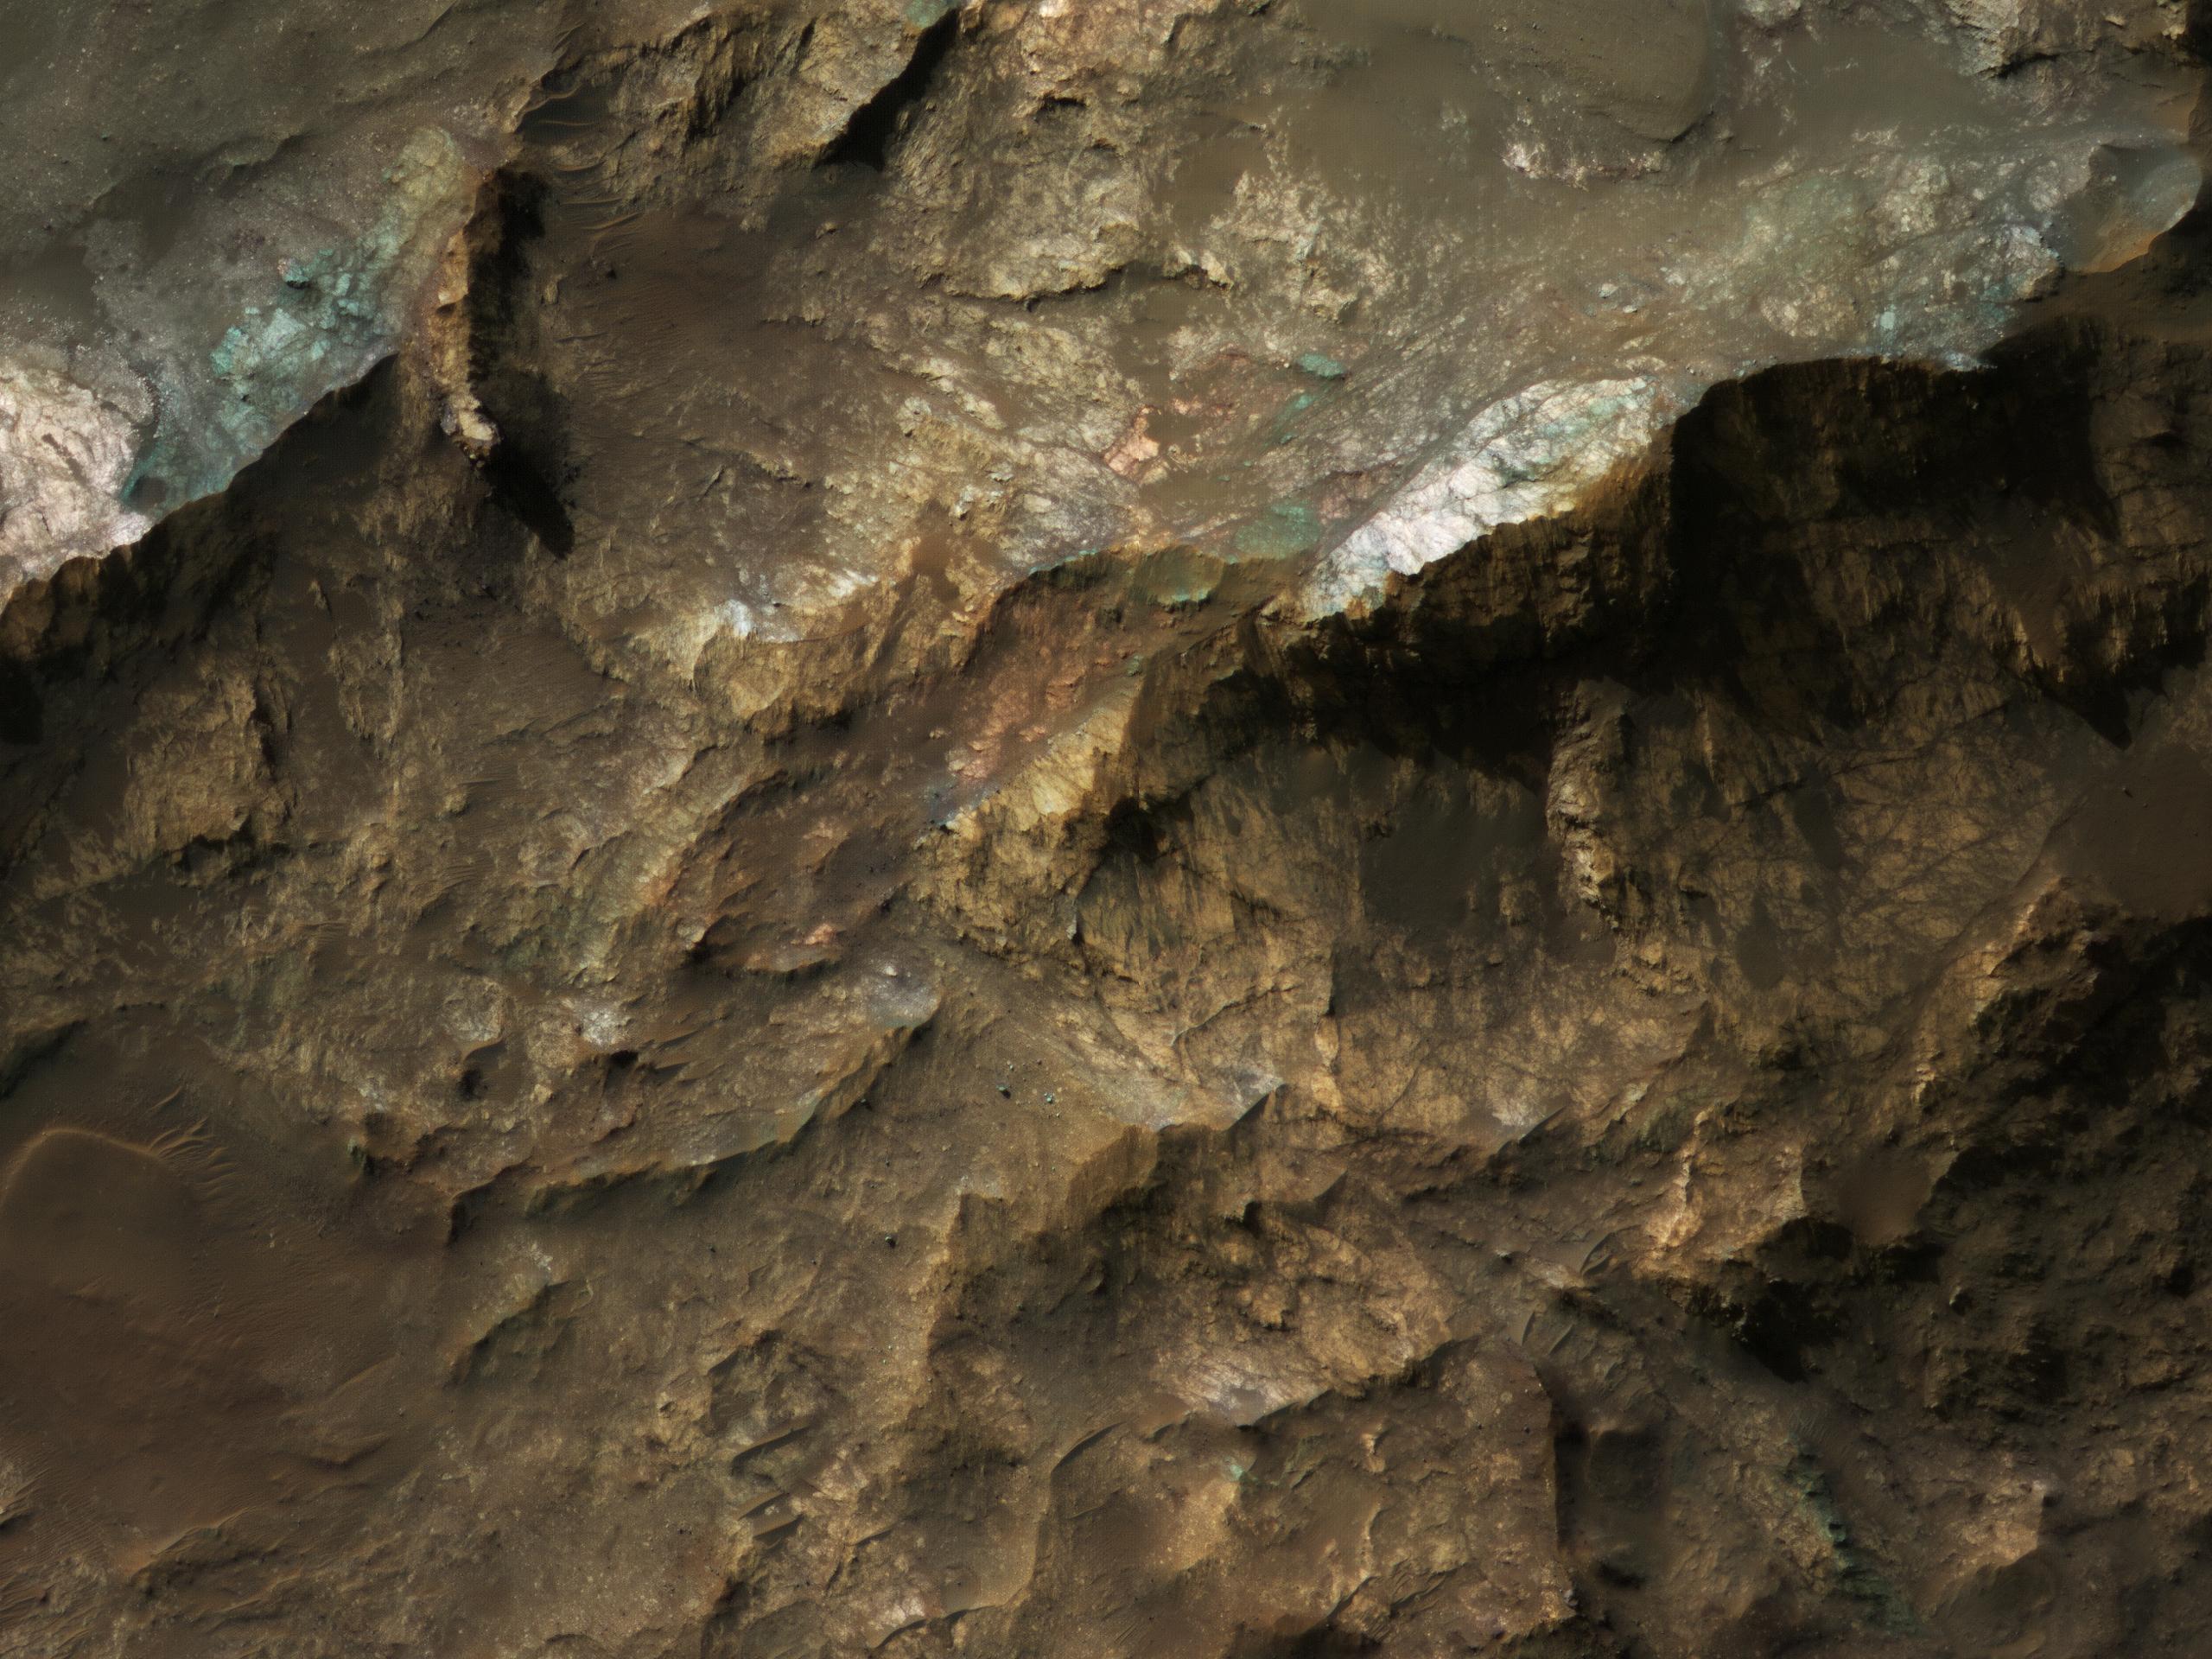 Mars Underground Exposed:  The Central Peak of Alga Crater